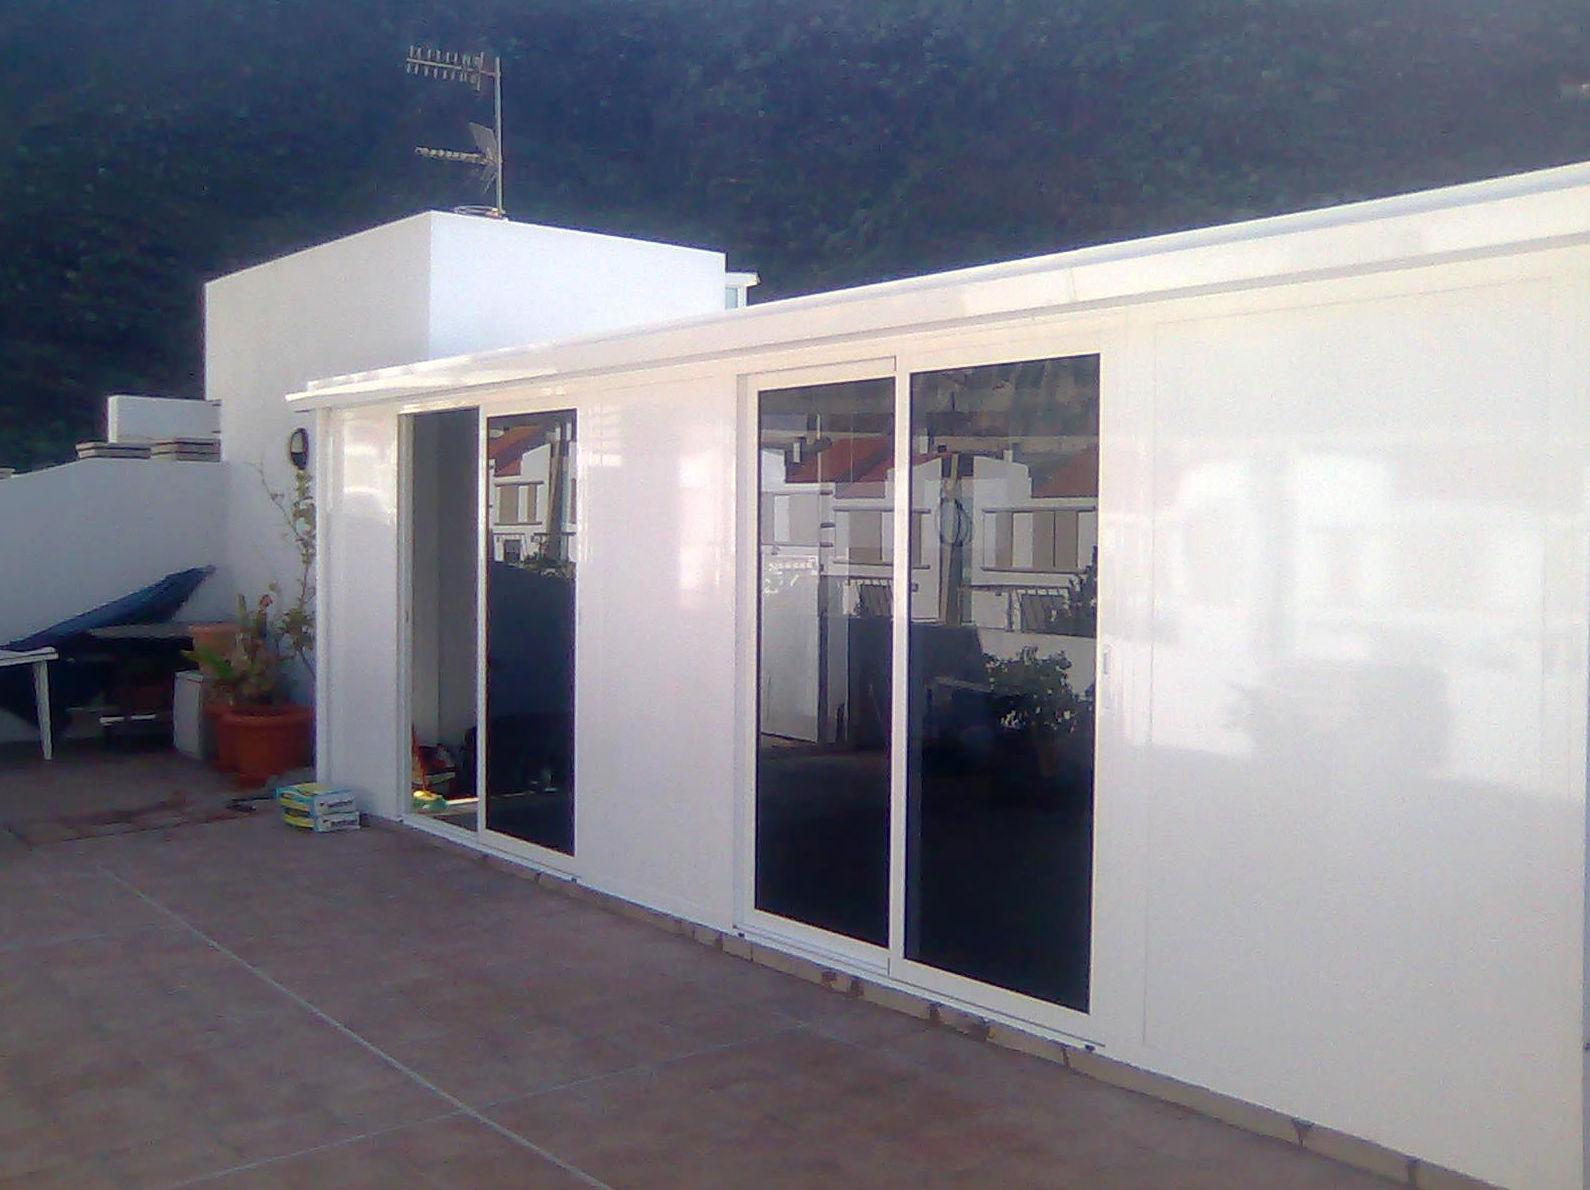 Obra de reforma para Cerramiento de aluminio  creación de habitación en azotea de vivienda en Santa Cruz de Tenerife